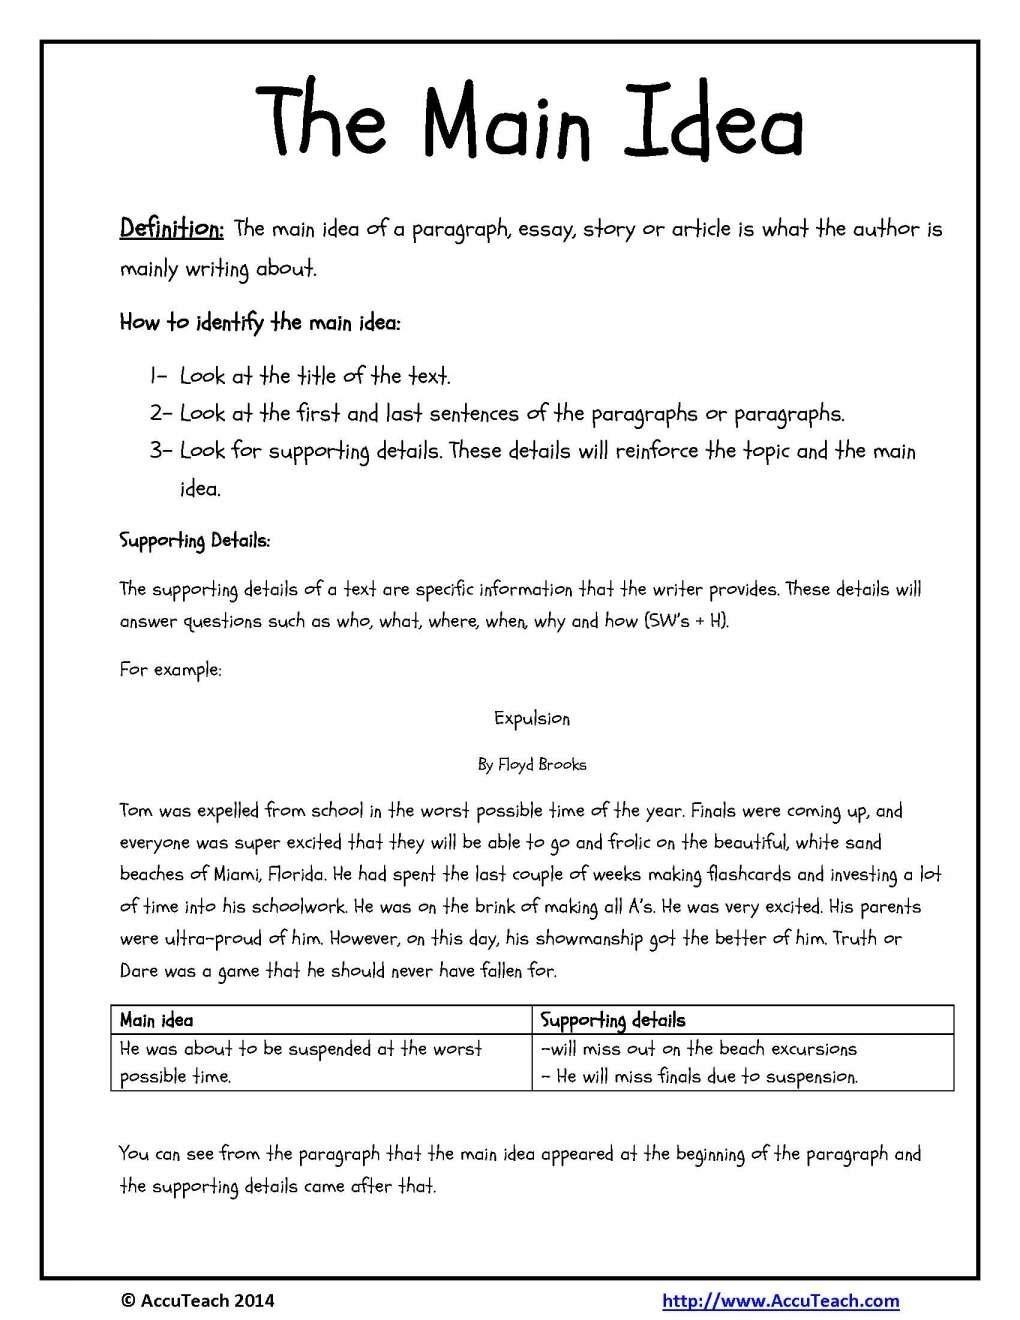 10 Lovely Main Idea Worksheets For 3rd Grade 2019